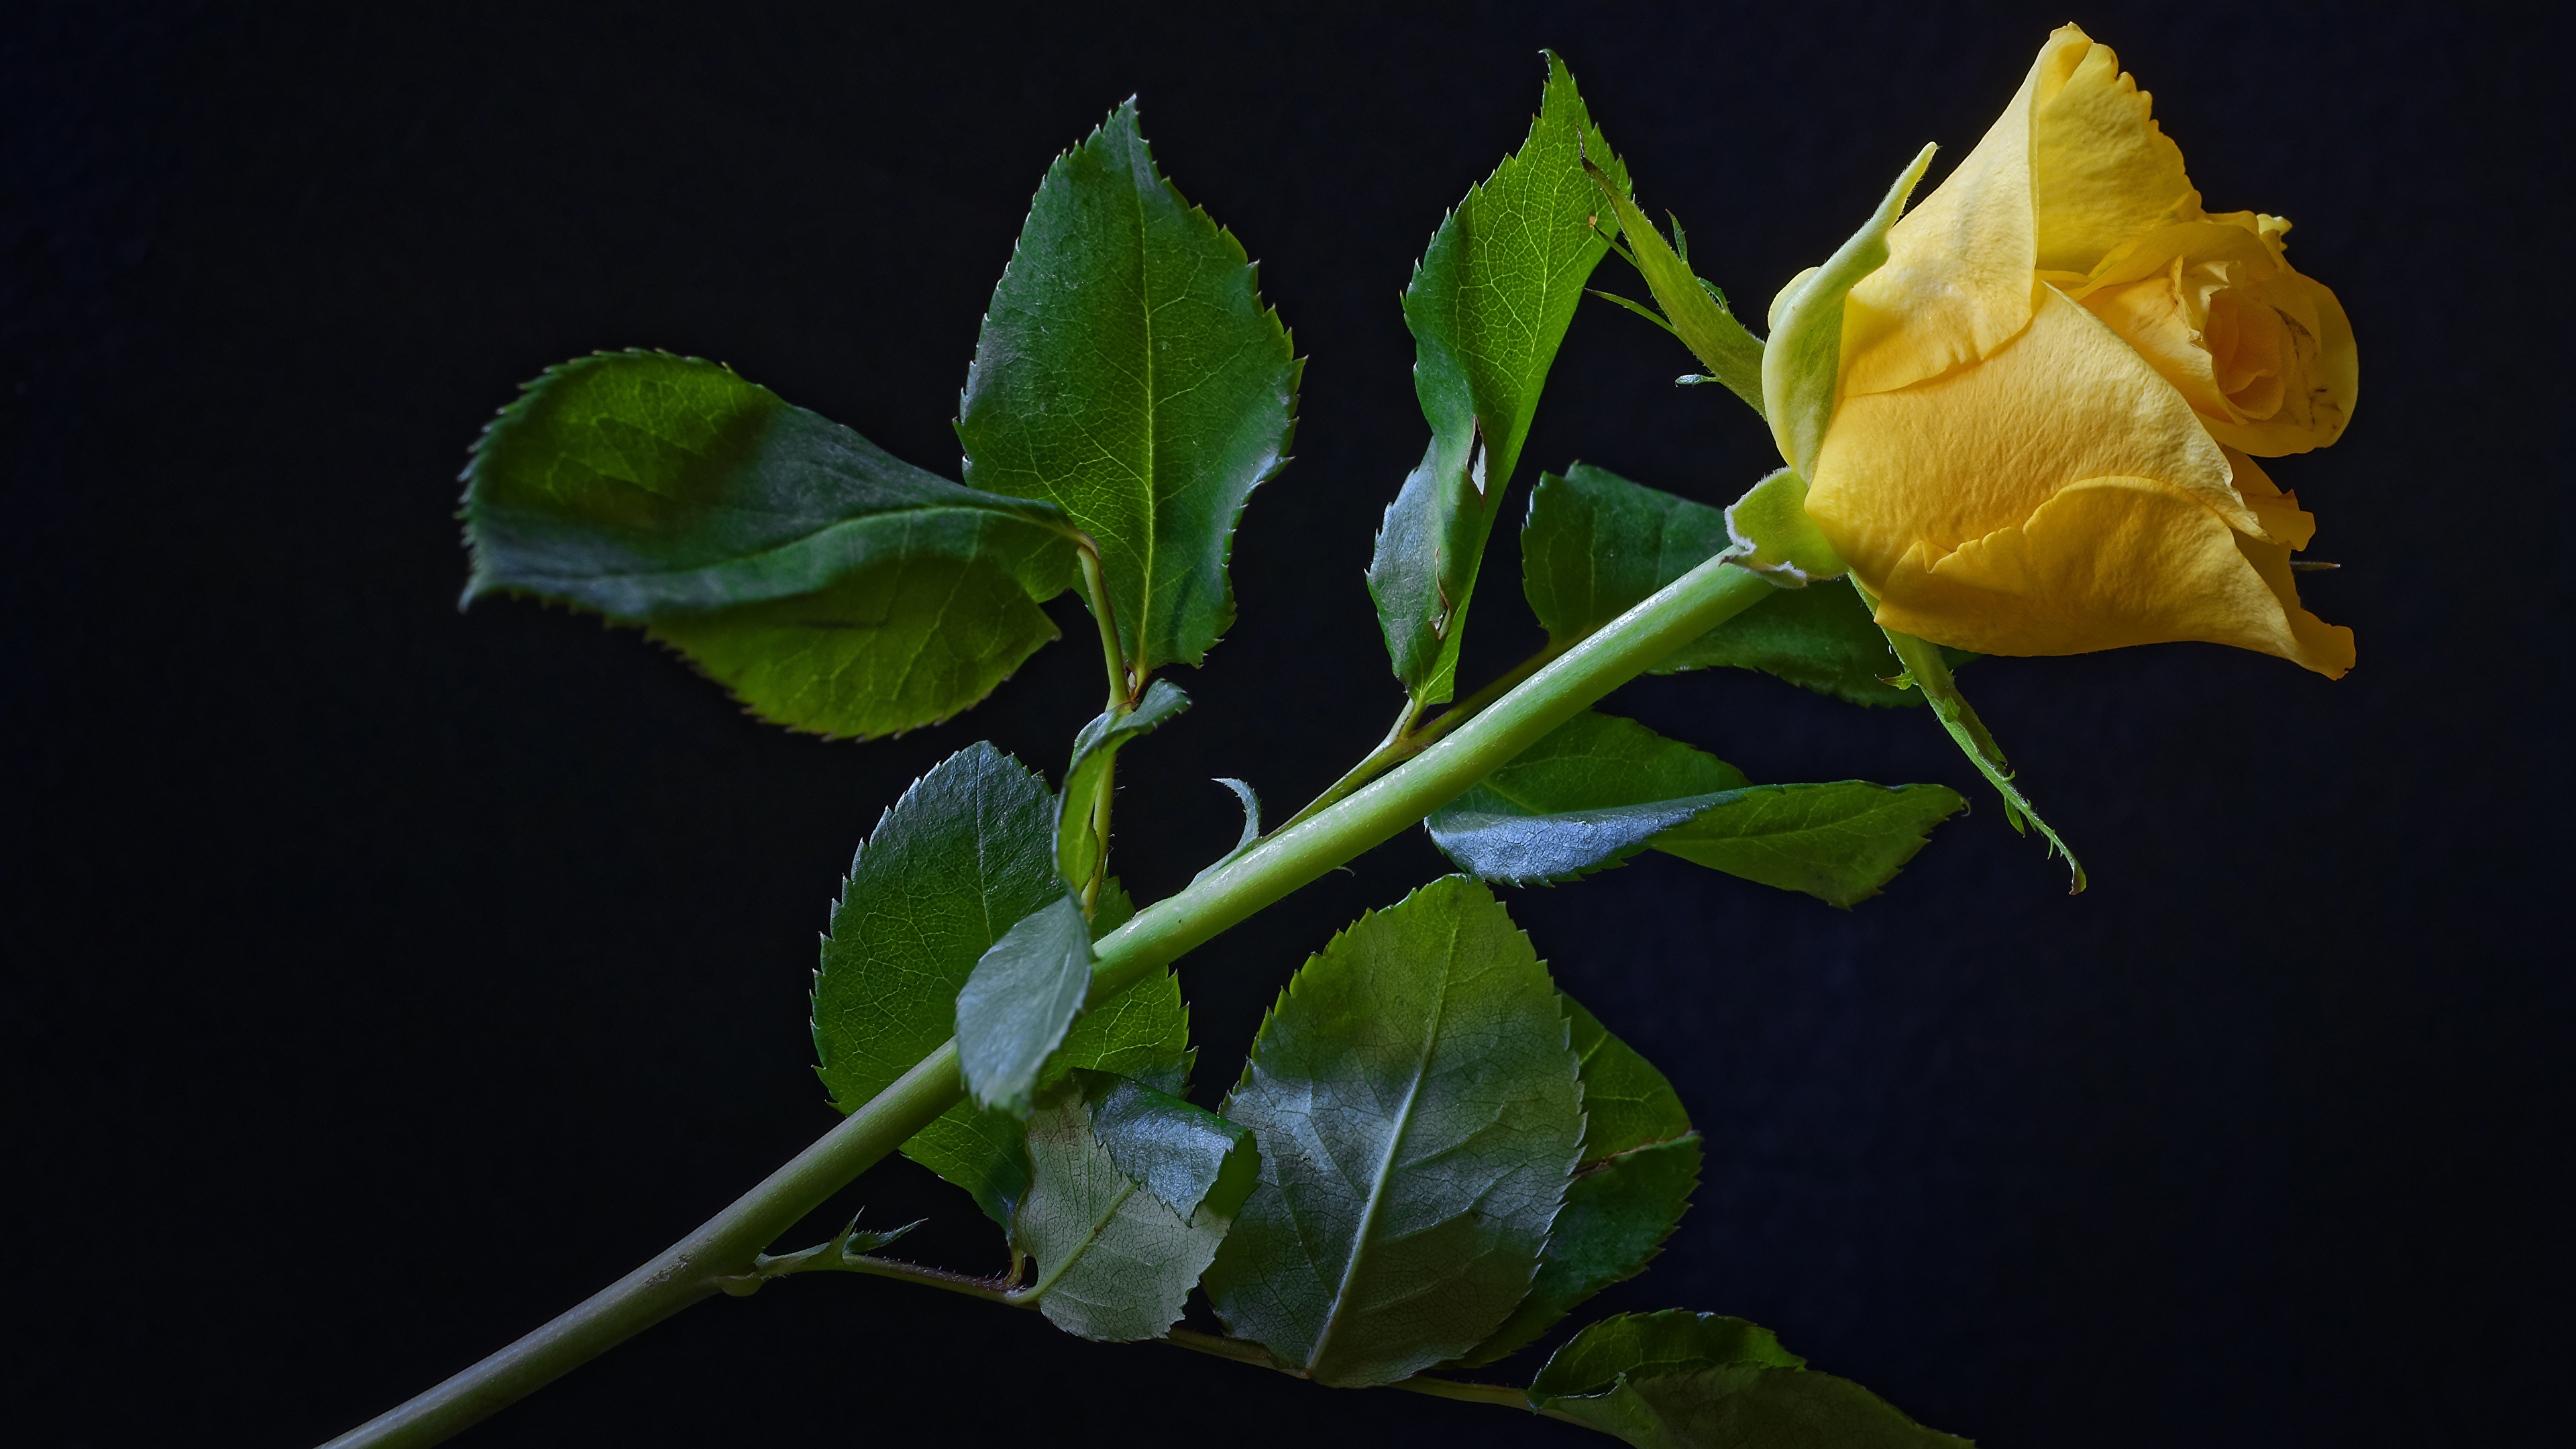 Картинки Розы желтых Цветы Черный фон Крупным планом 3840x2160 роза Желтый желтая желтые цветок вблизи на черном фоне